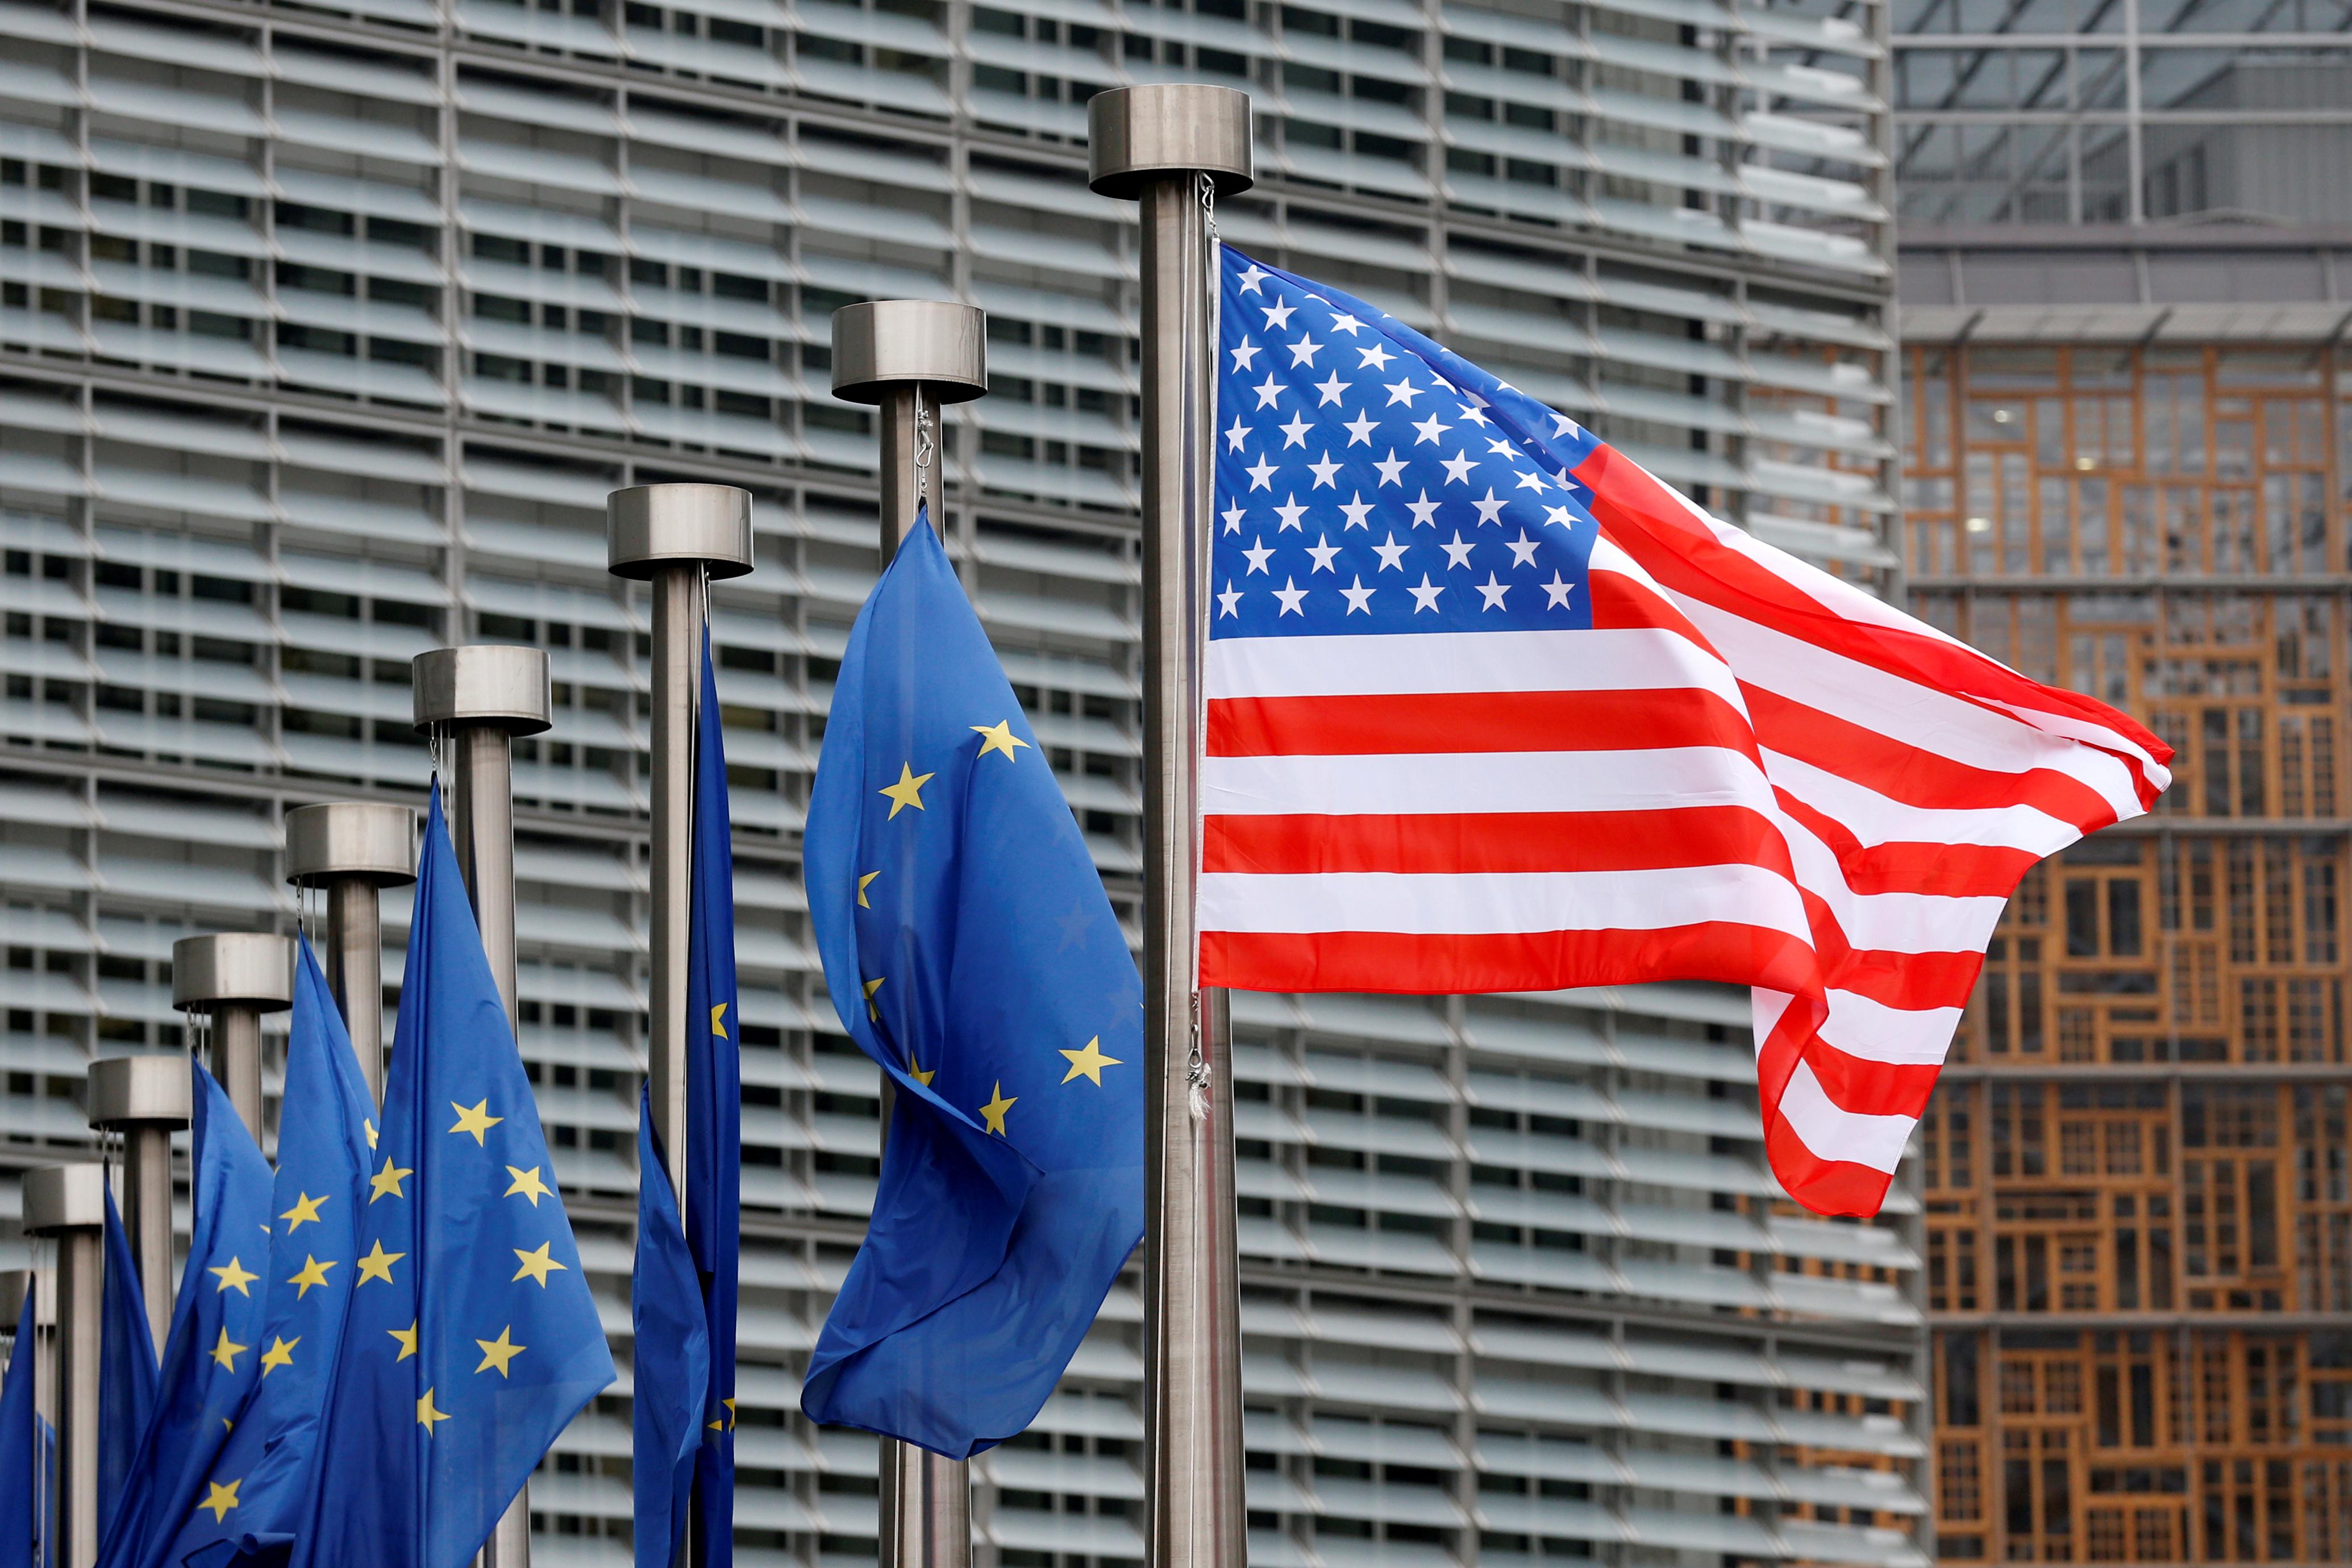 """Σε ισχύ το αμερικανικό """"χαράτσι""""! Επιπρόσθετοι δασμοί σε χιλιάδες προϊόντα που εισάγονται από την ΕΕ"""